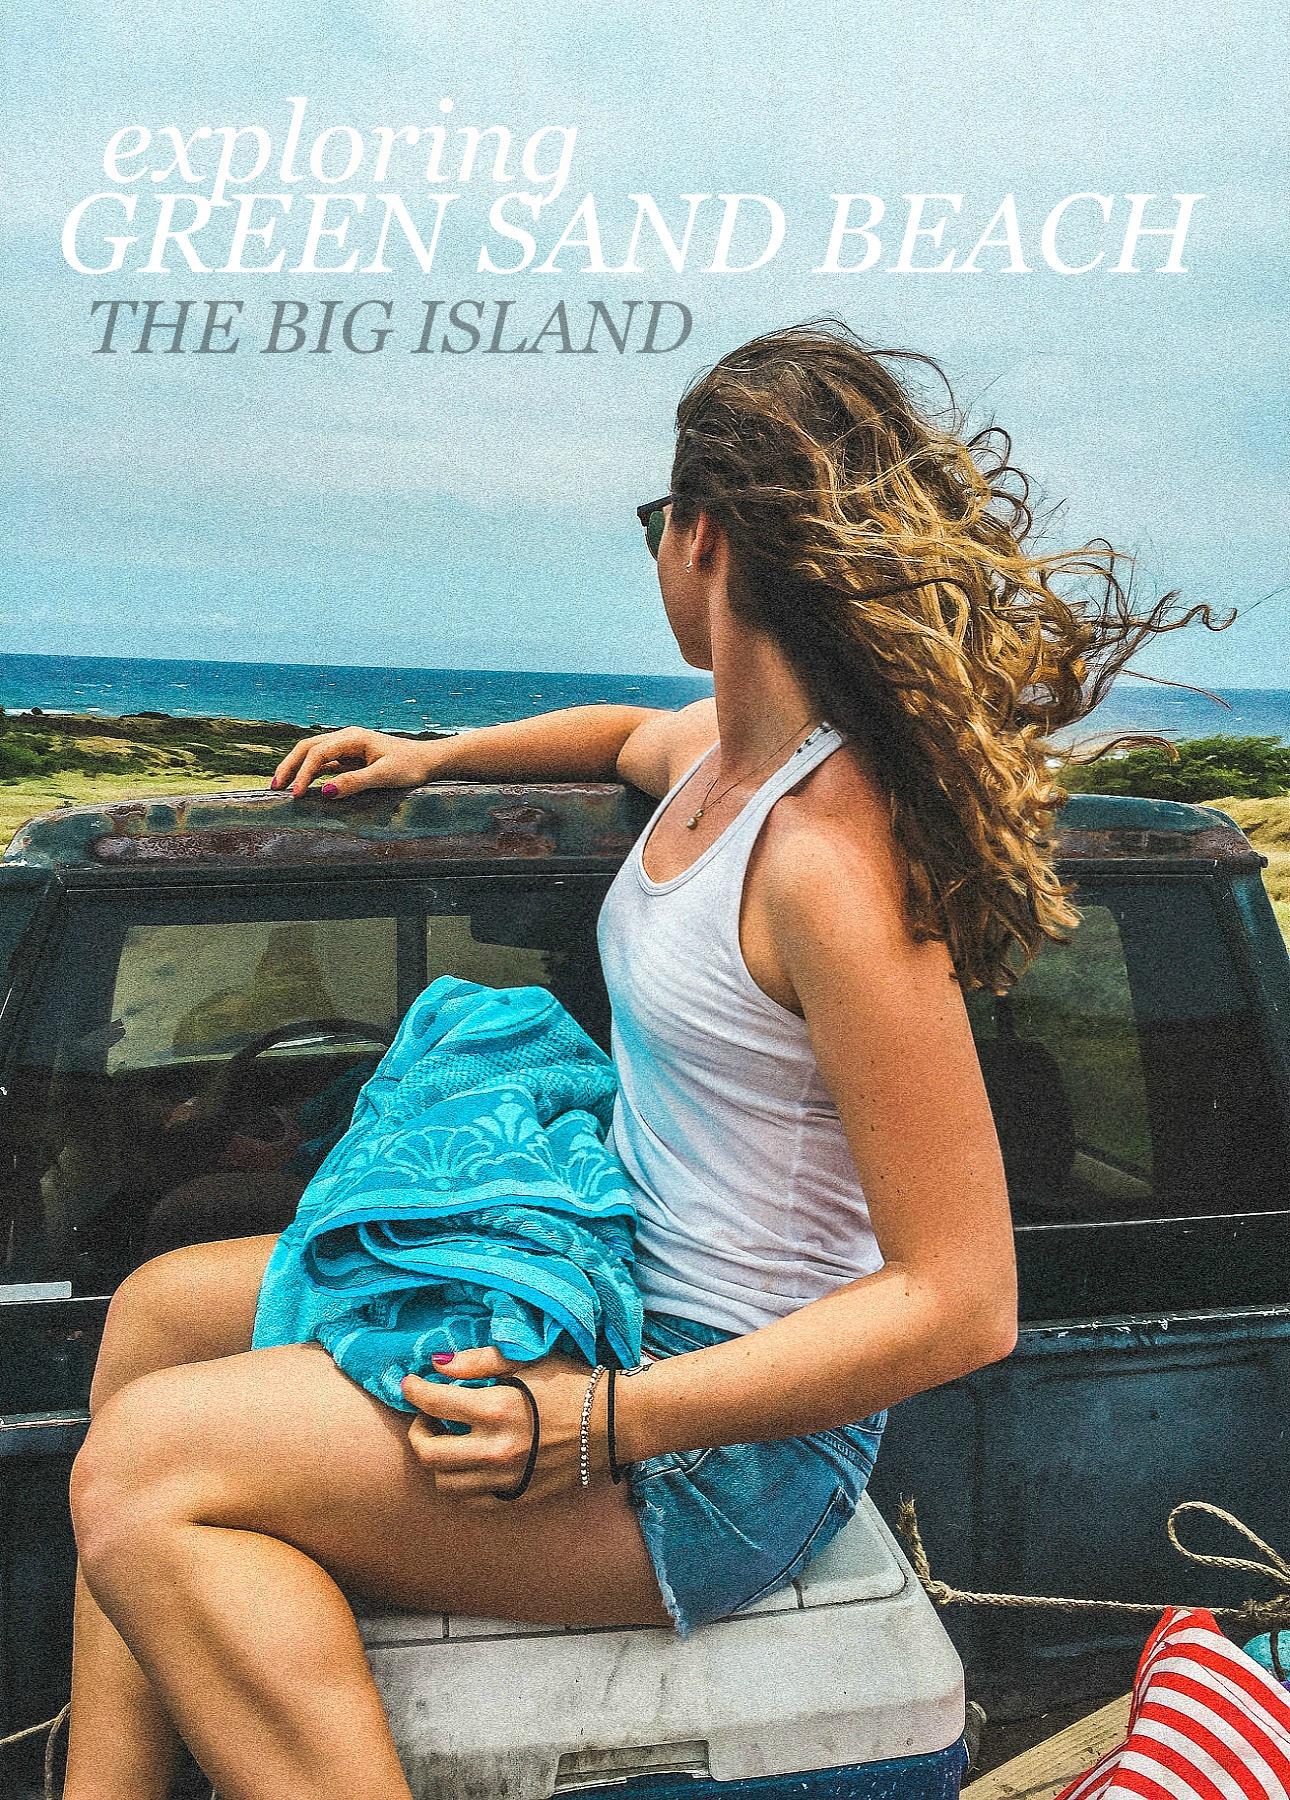 EXPLORING GREEN SAND BEACH THE BIG ISLAND HAWAII